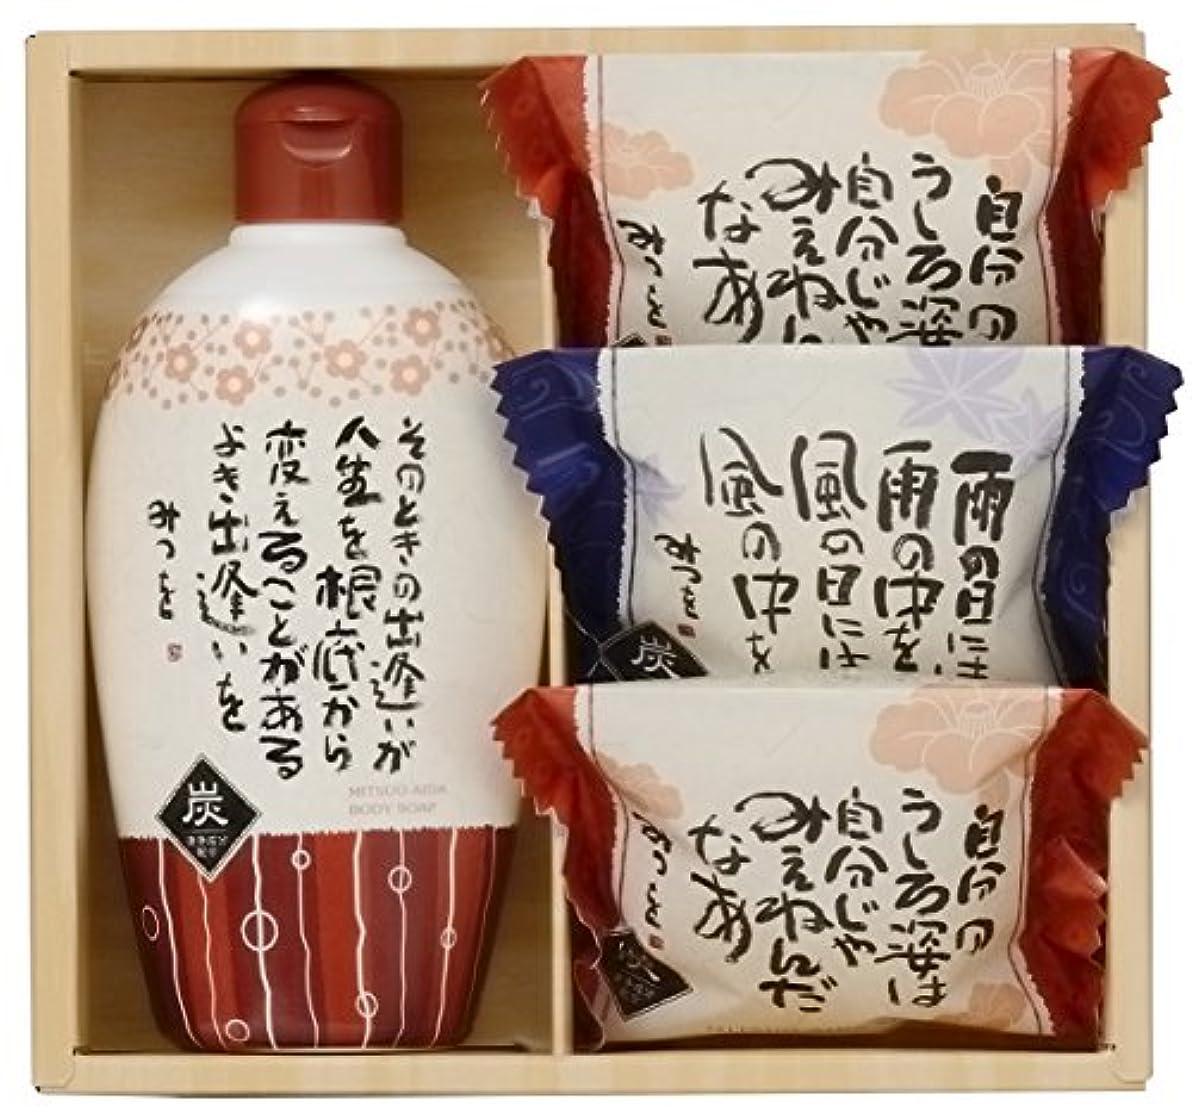 有効な変化する参照田中太商店 ギフト 相田みつを炭ソープセット YKA-10